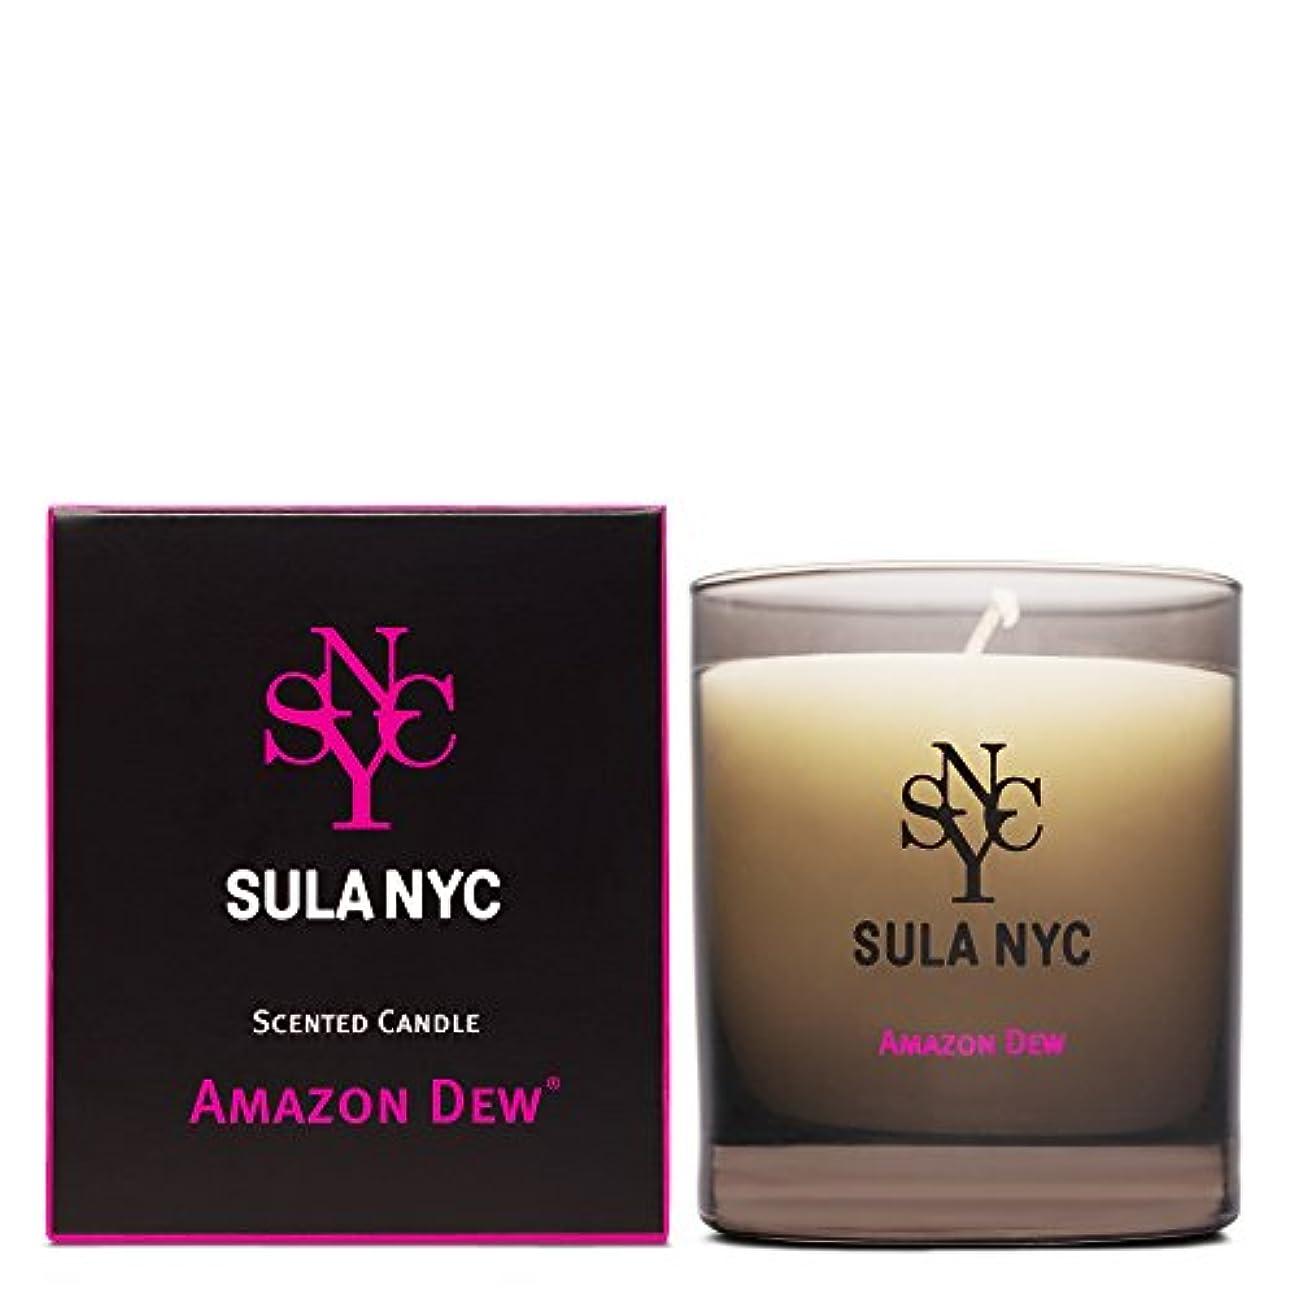 ケープパースブラックボロウトレーニングSULA NYC SCENTED CANDLE AMAZON DEW スーラNYCセンティッドキャンドル アマゾン?デュー